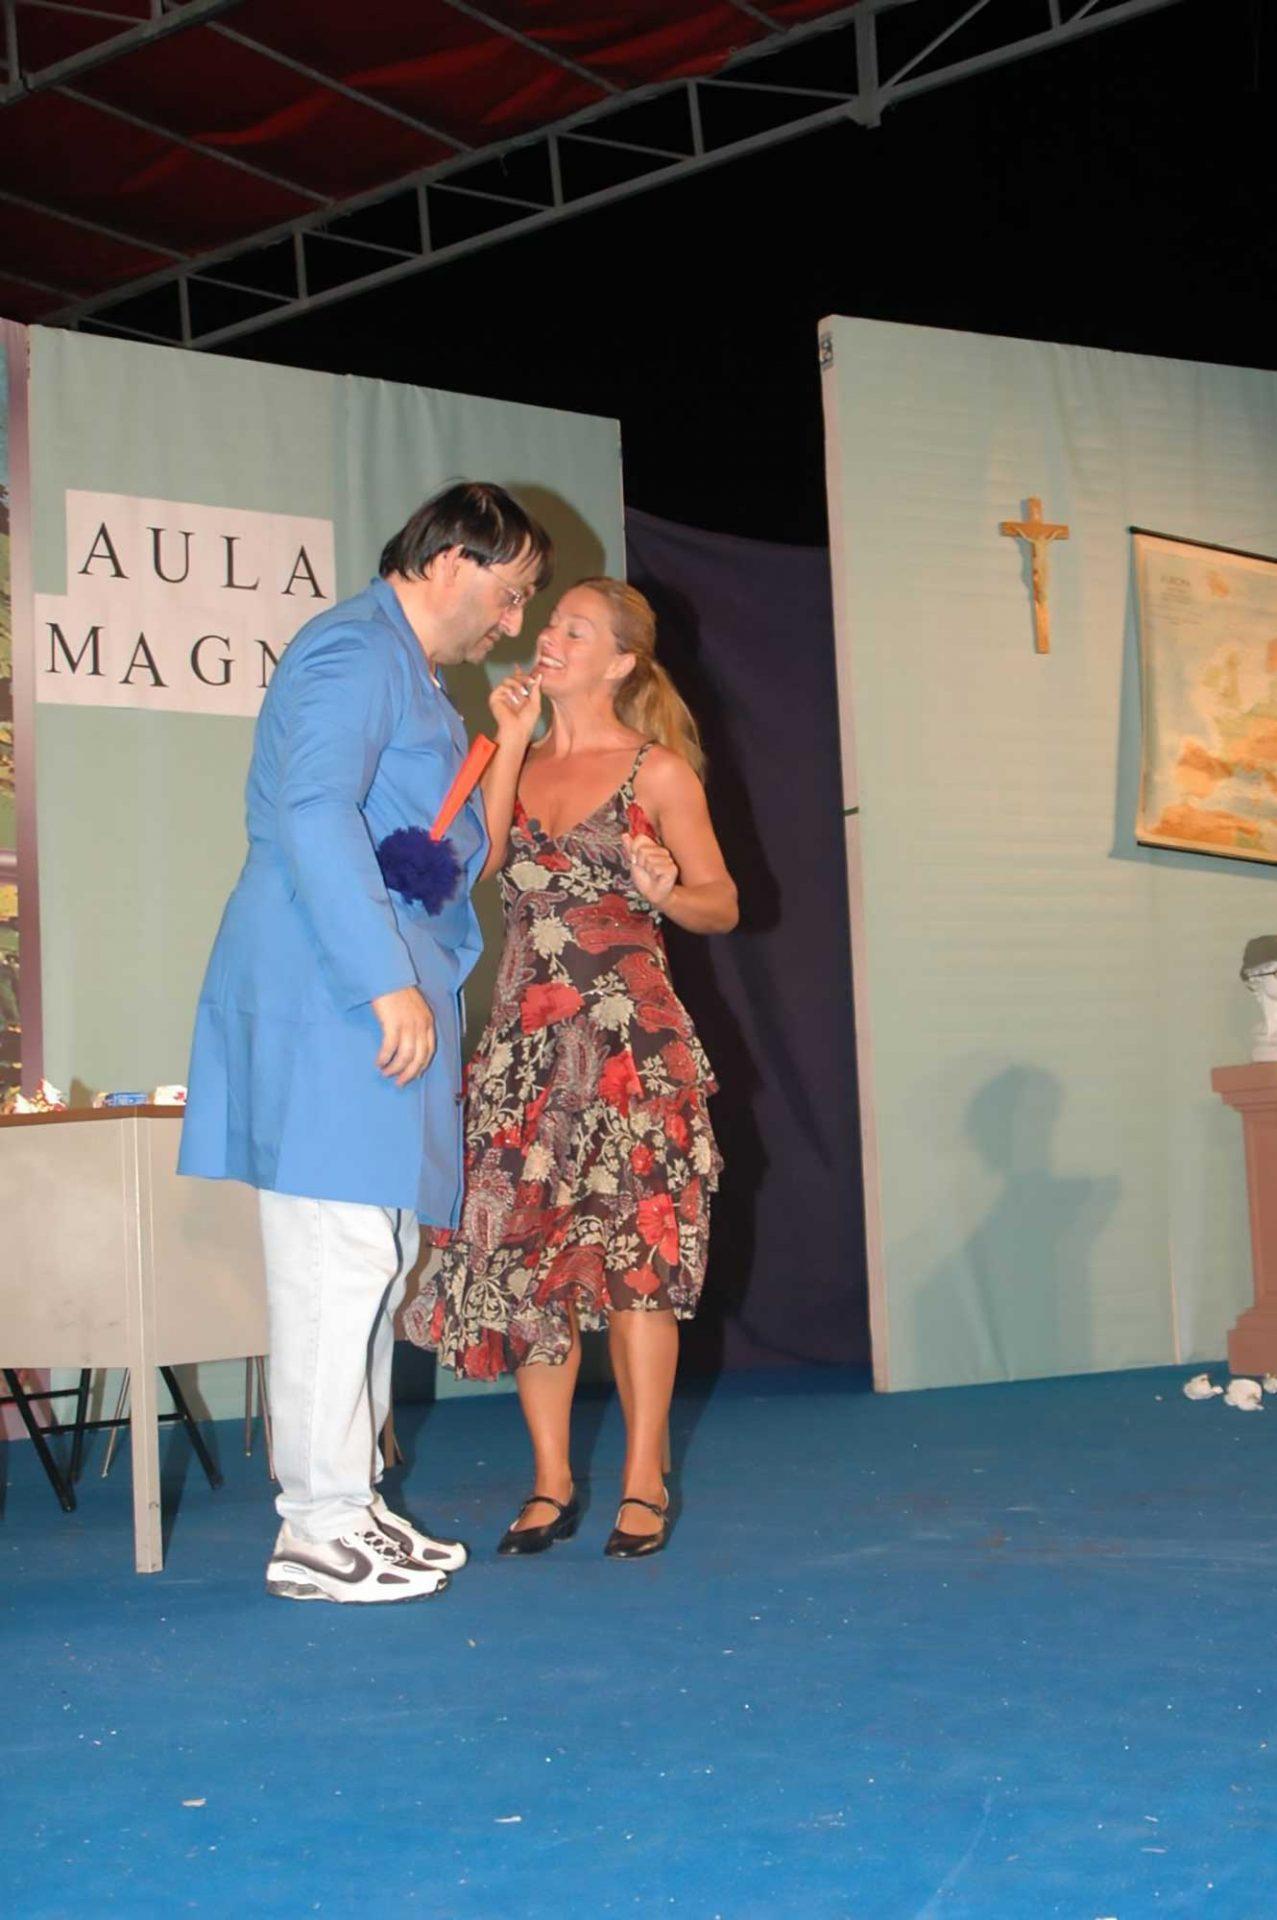 teatro-dialettale-la-vite-e-tutte-esame-marrucino-2